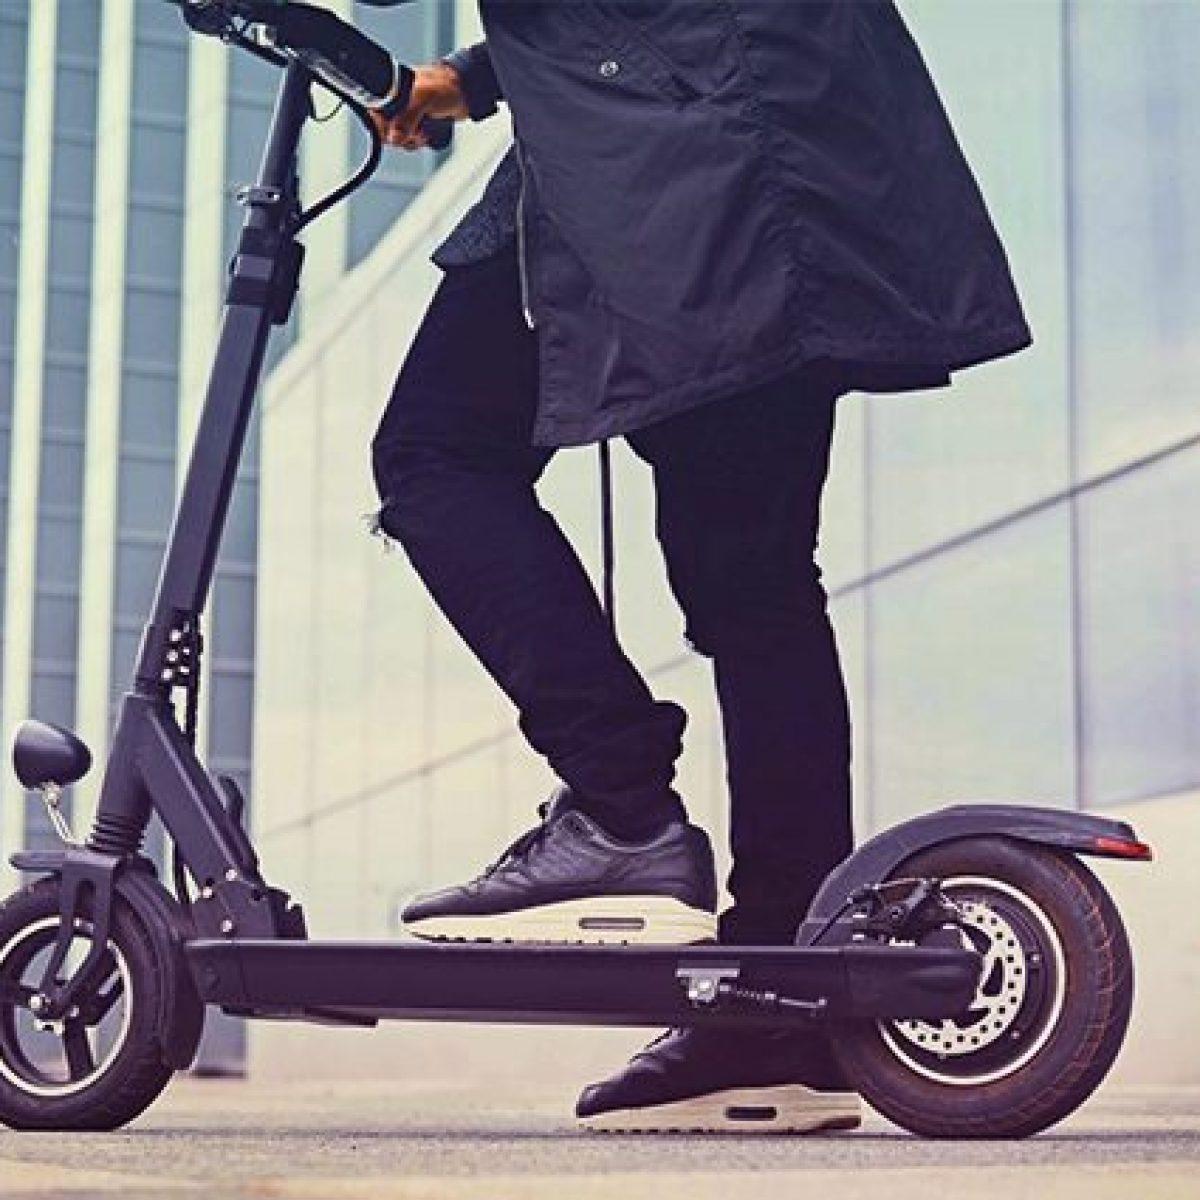 Schema Elettrico Hoverboard : Mobilità elettrica ecco la normativa: tutti i limiti per